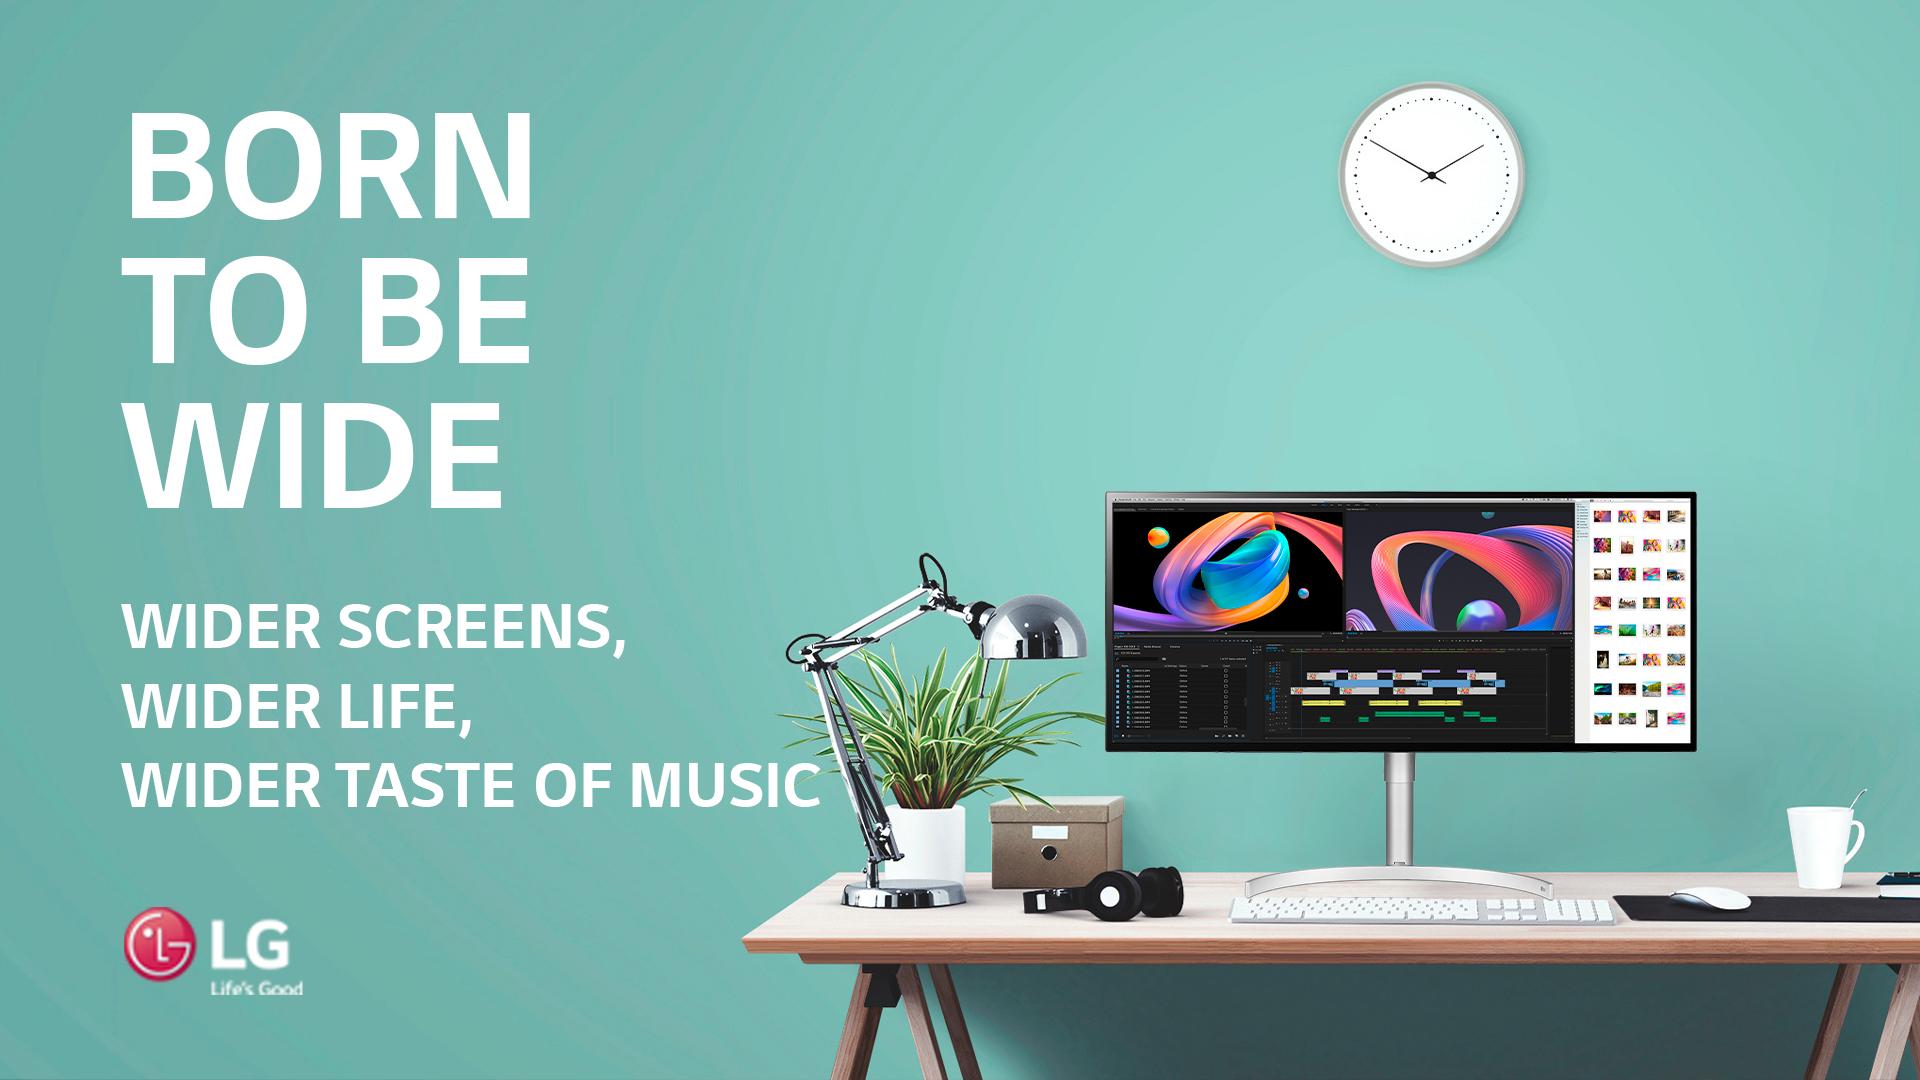 Joacă și productivitate cu playlist-ul Spotify de la LG